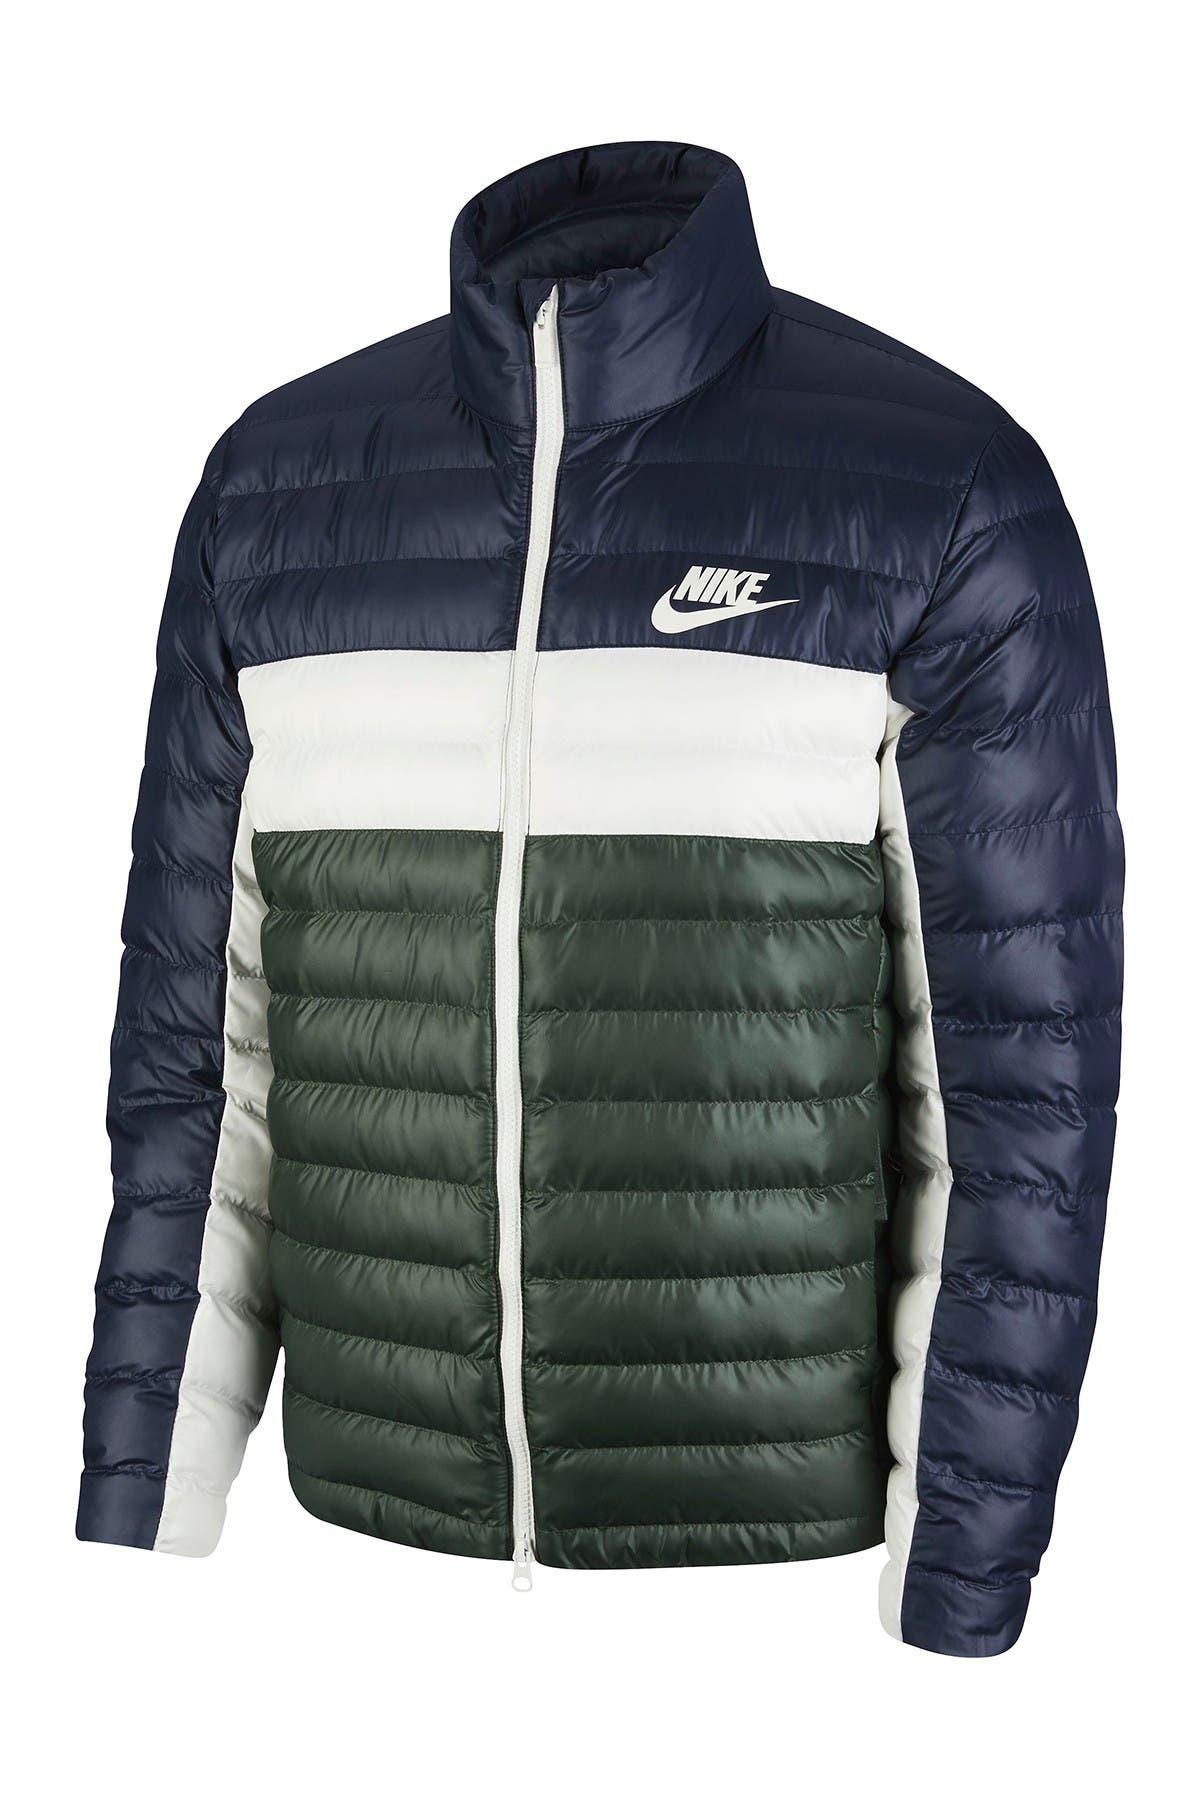 diseño fragmento Pocos  Nike | Sportswear Synthetic-Fill Puffer Jacket | Nordstrom Rack